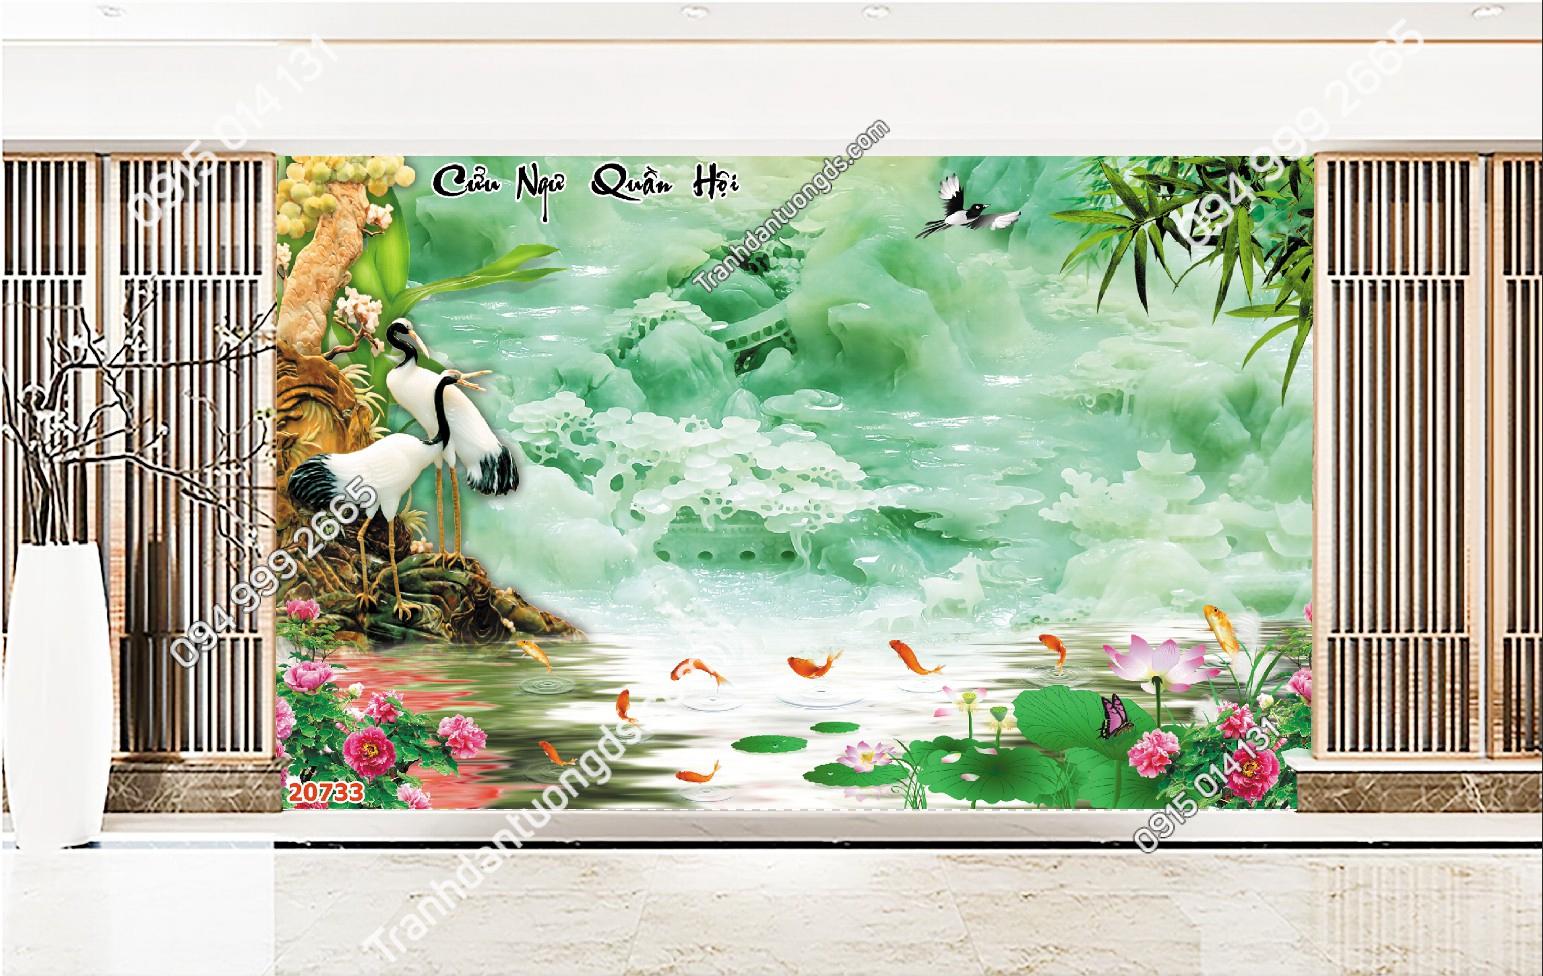 Tranh dán tường cửu ngư quần hội kết hợp ngọc thạch xanh 20733